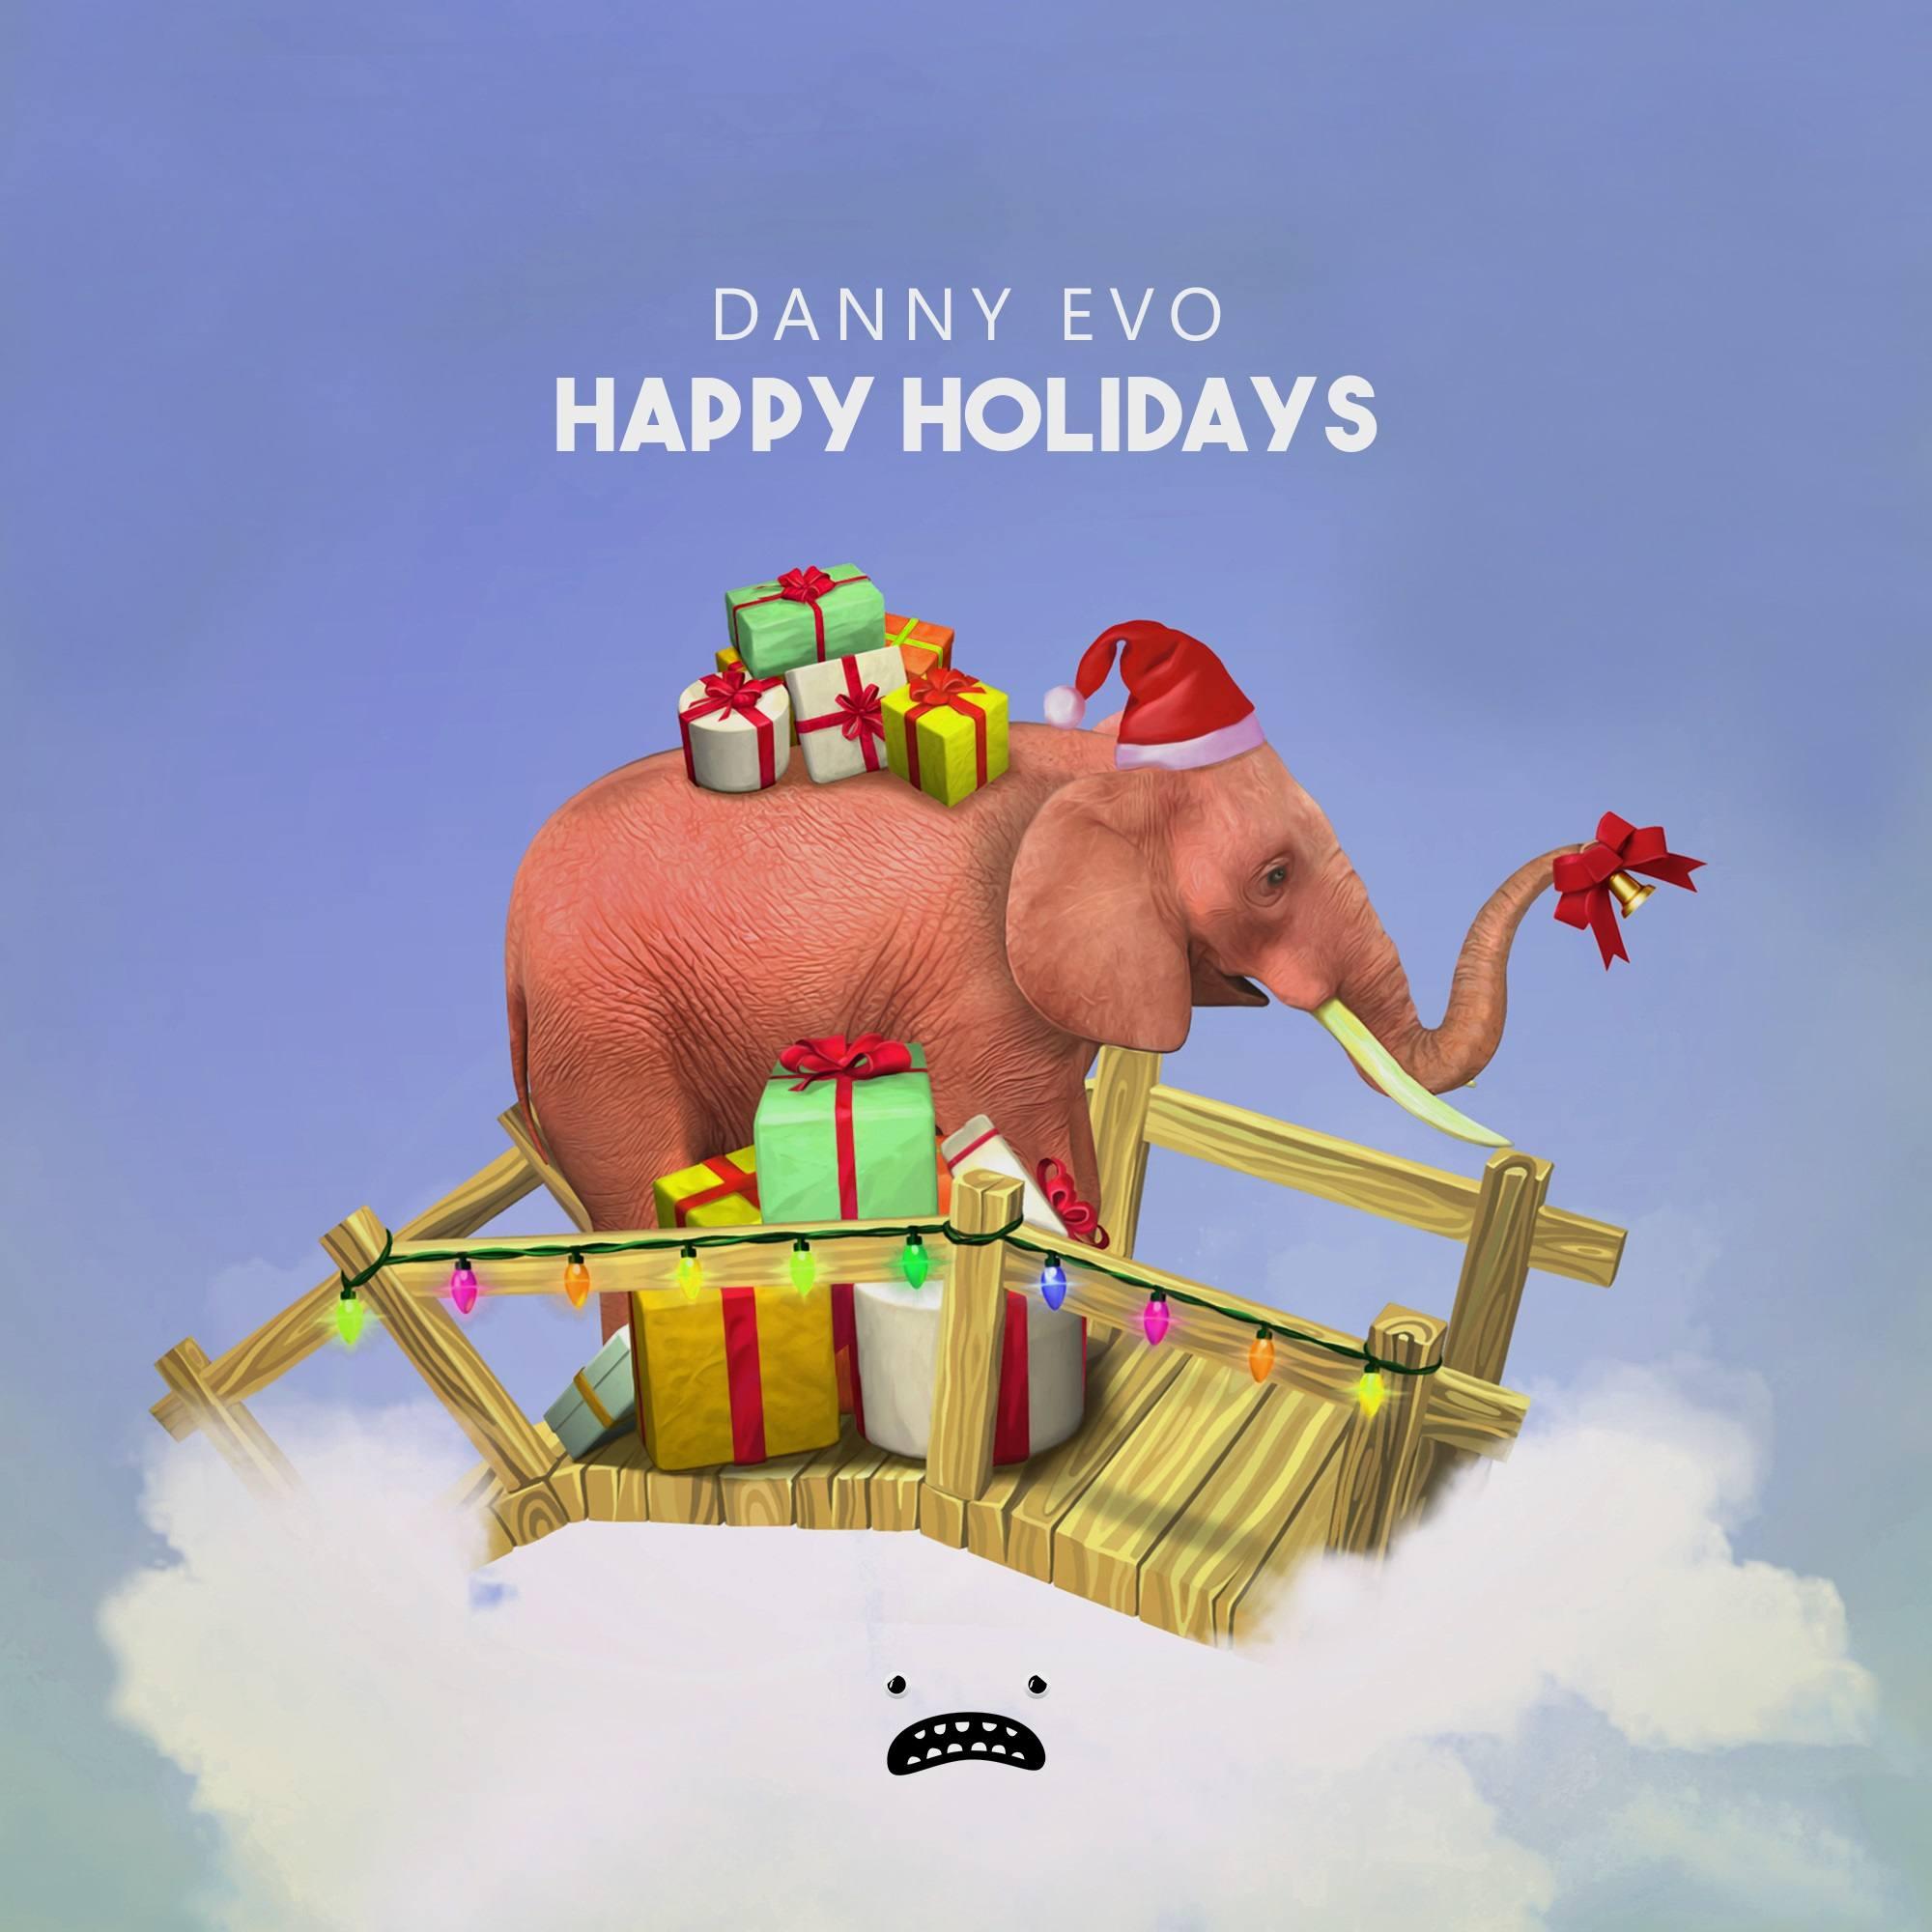 Christmas Music No Copyright 2020